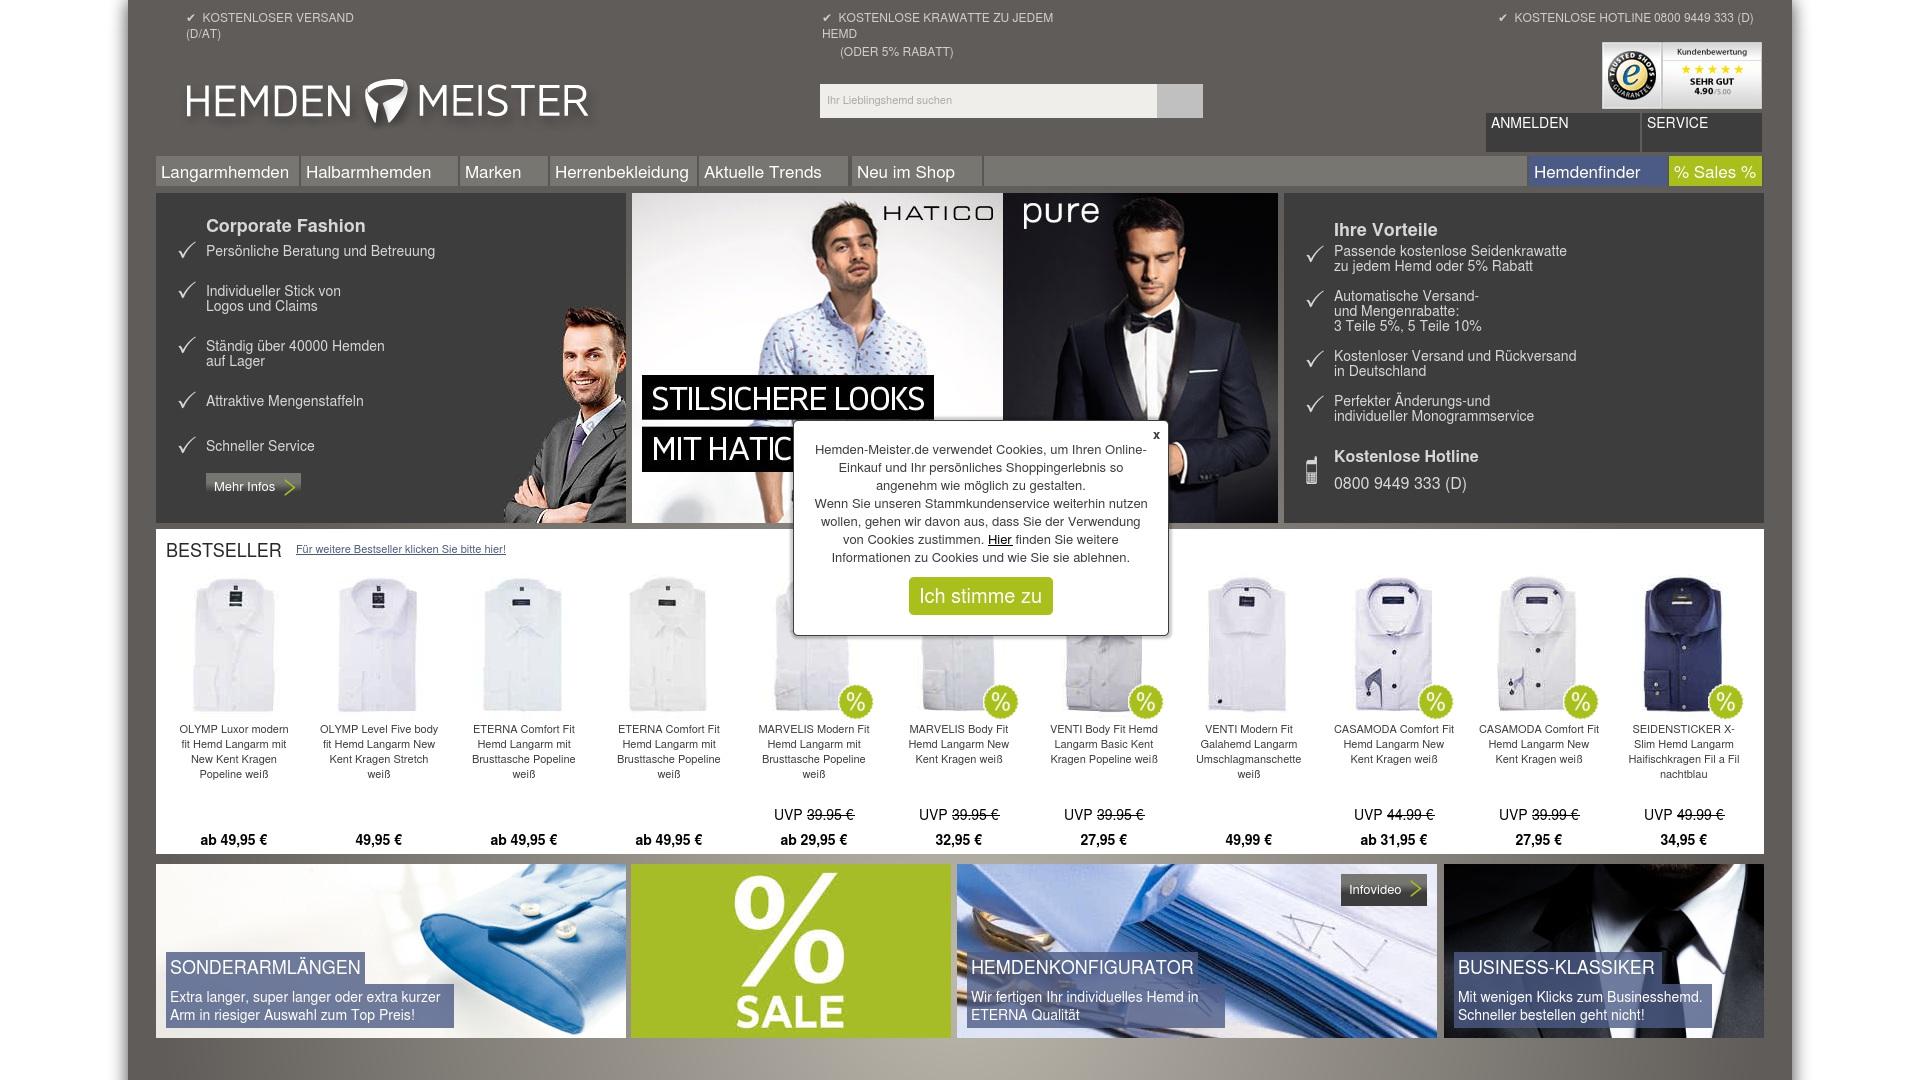 Gutschein für Hemden-meister: Rabatte für  Hemden-meister sichern